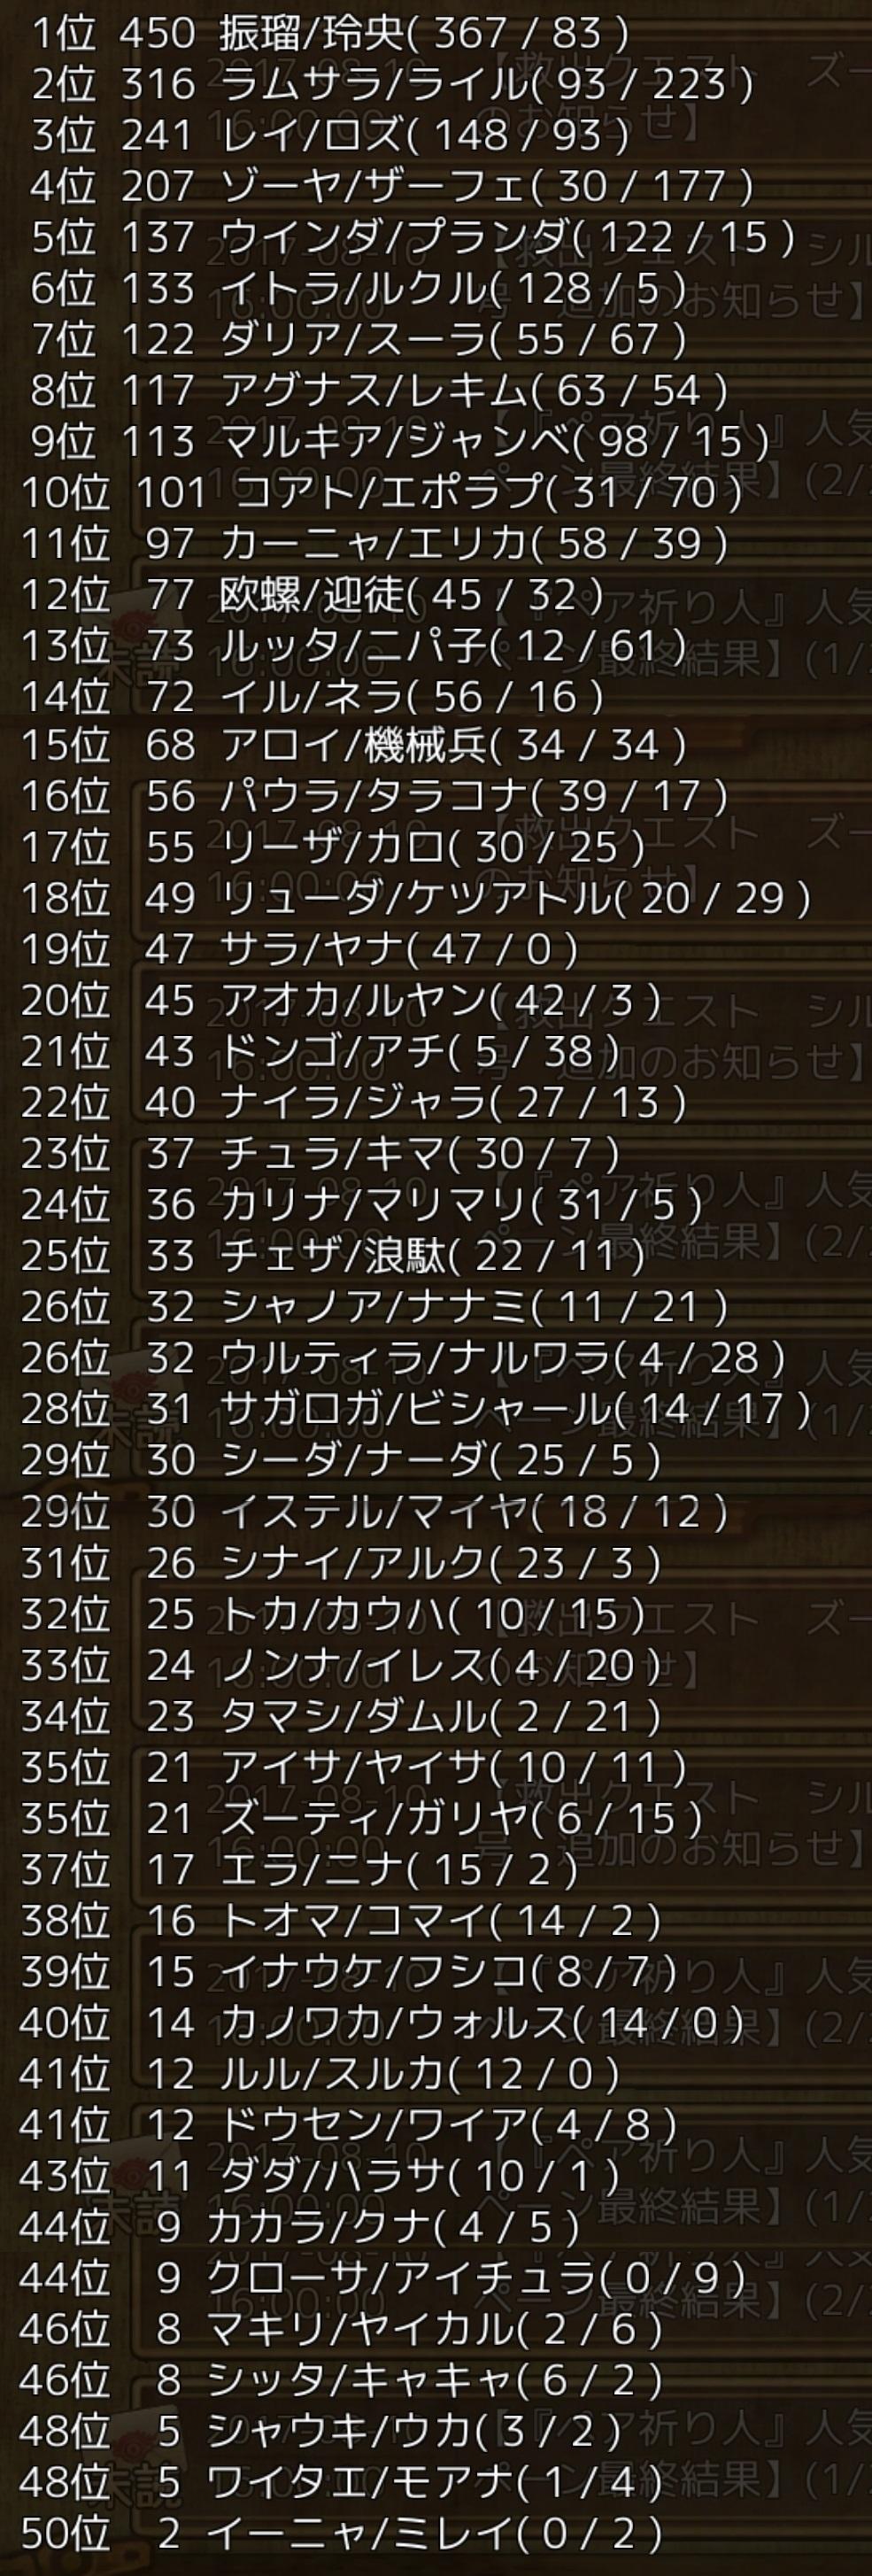 ペアランキング結果詳細.jpg